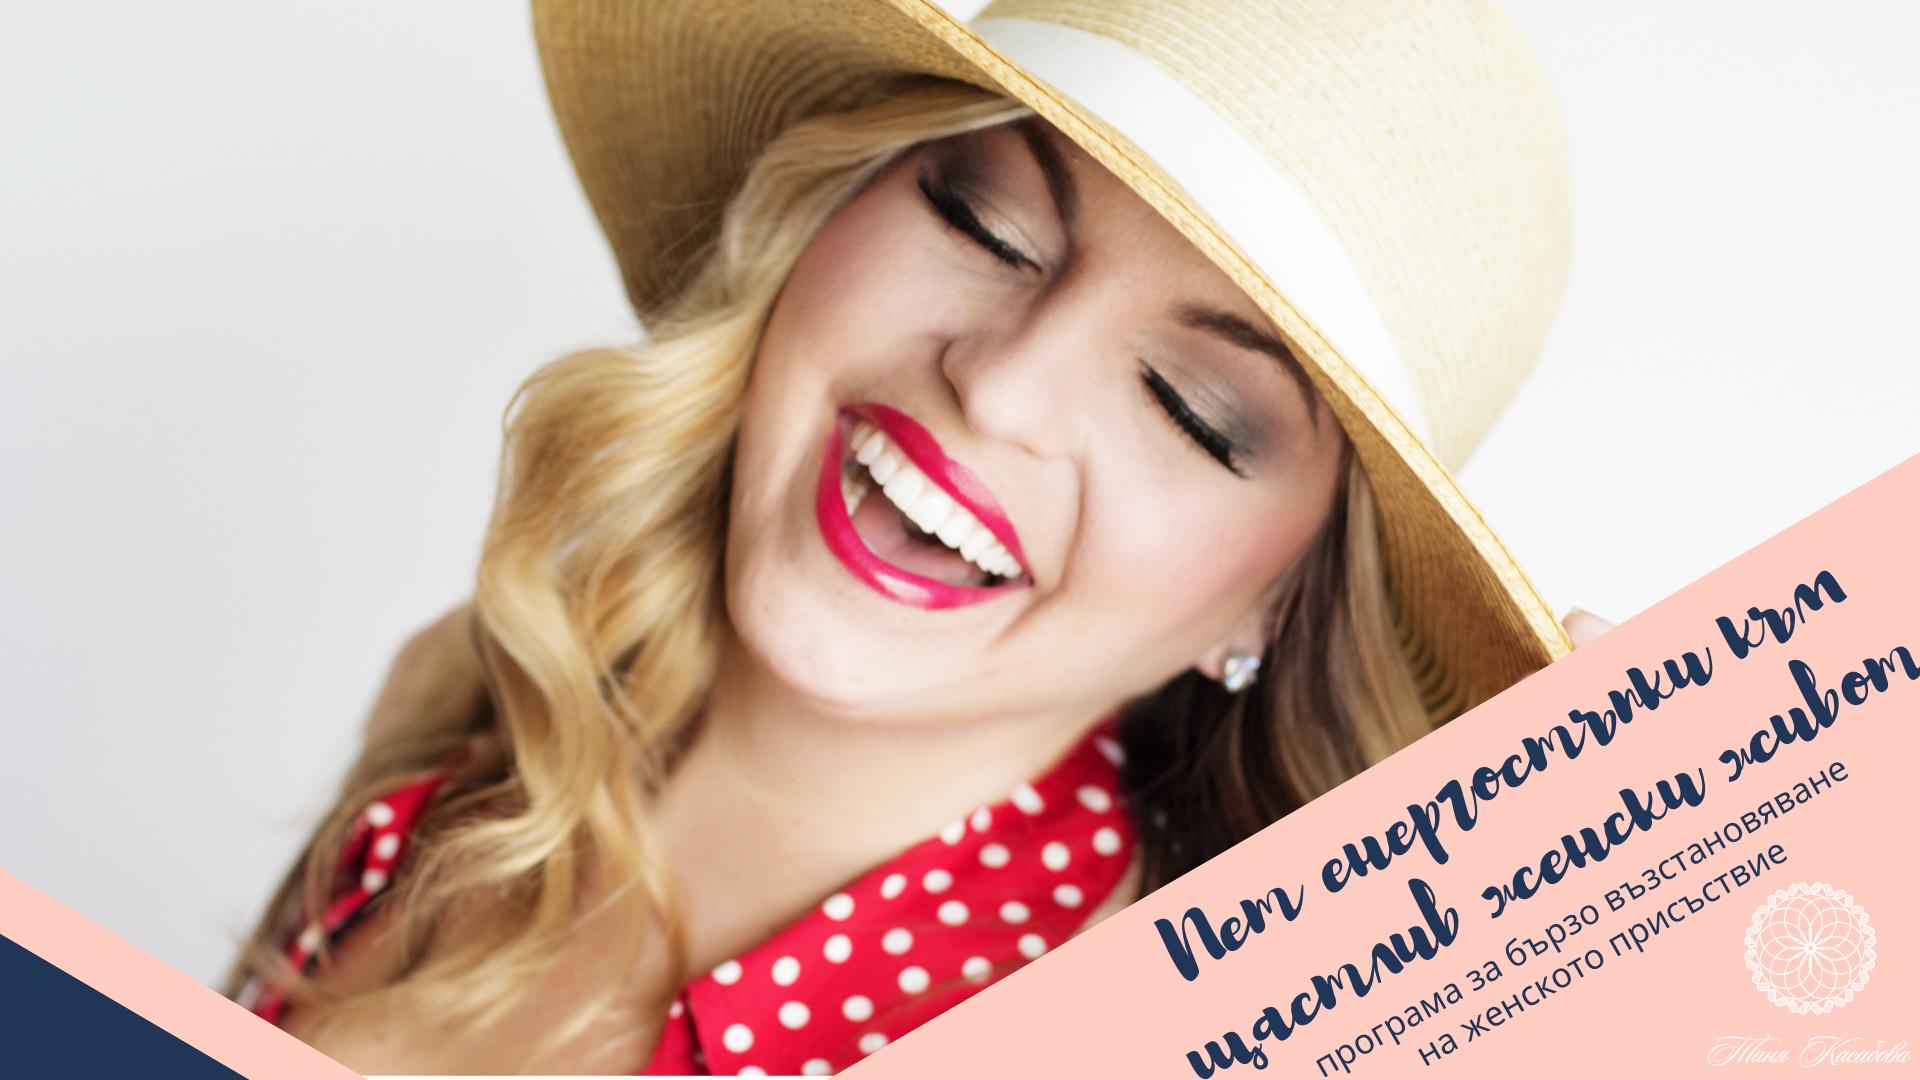 Пет енергостъпки към щастлив женски живот